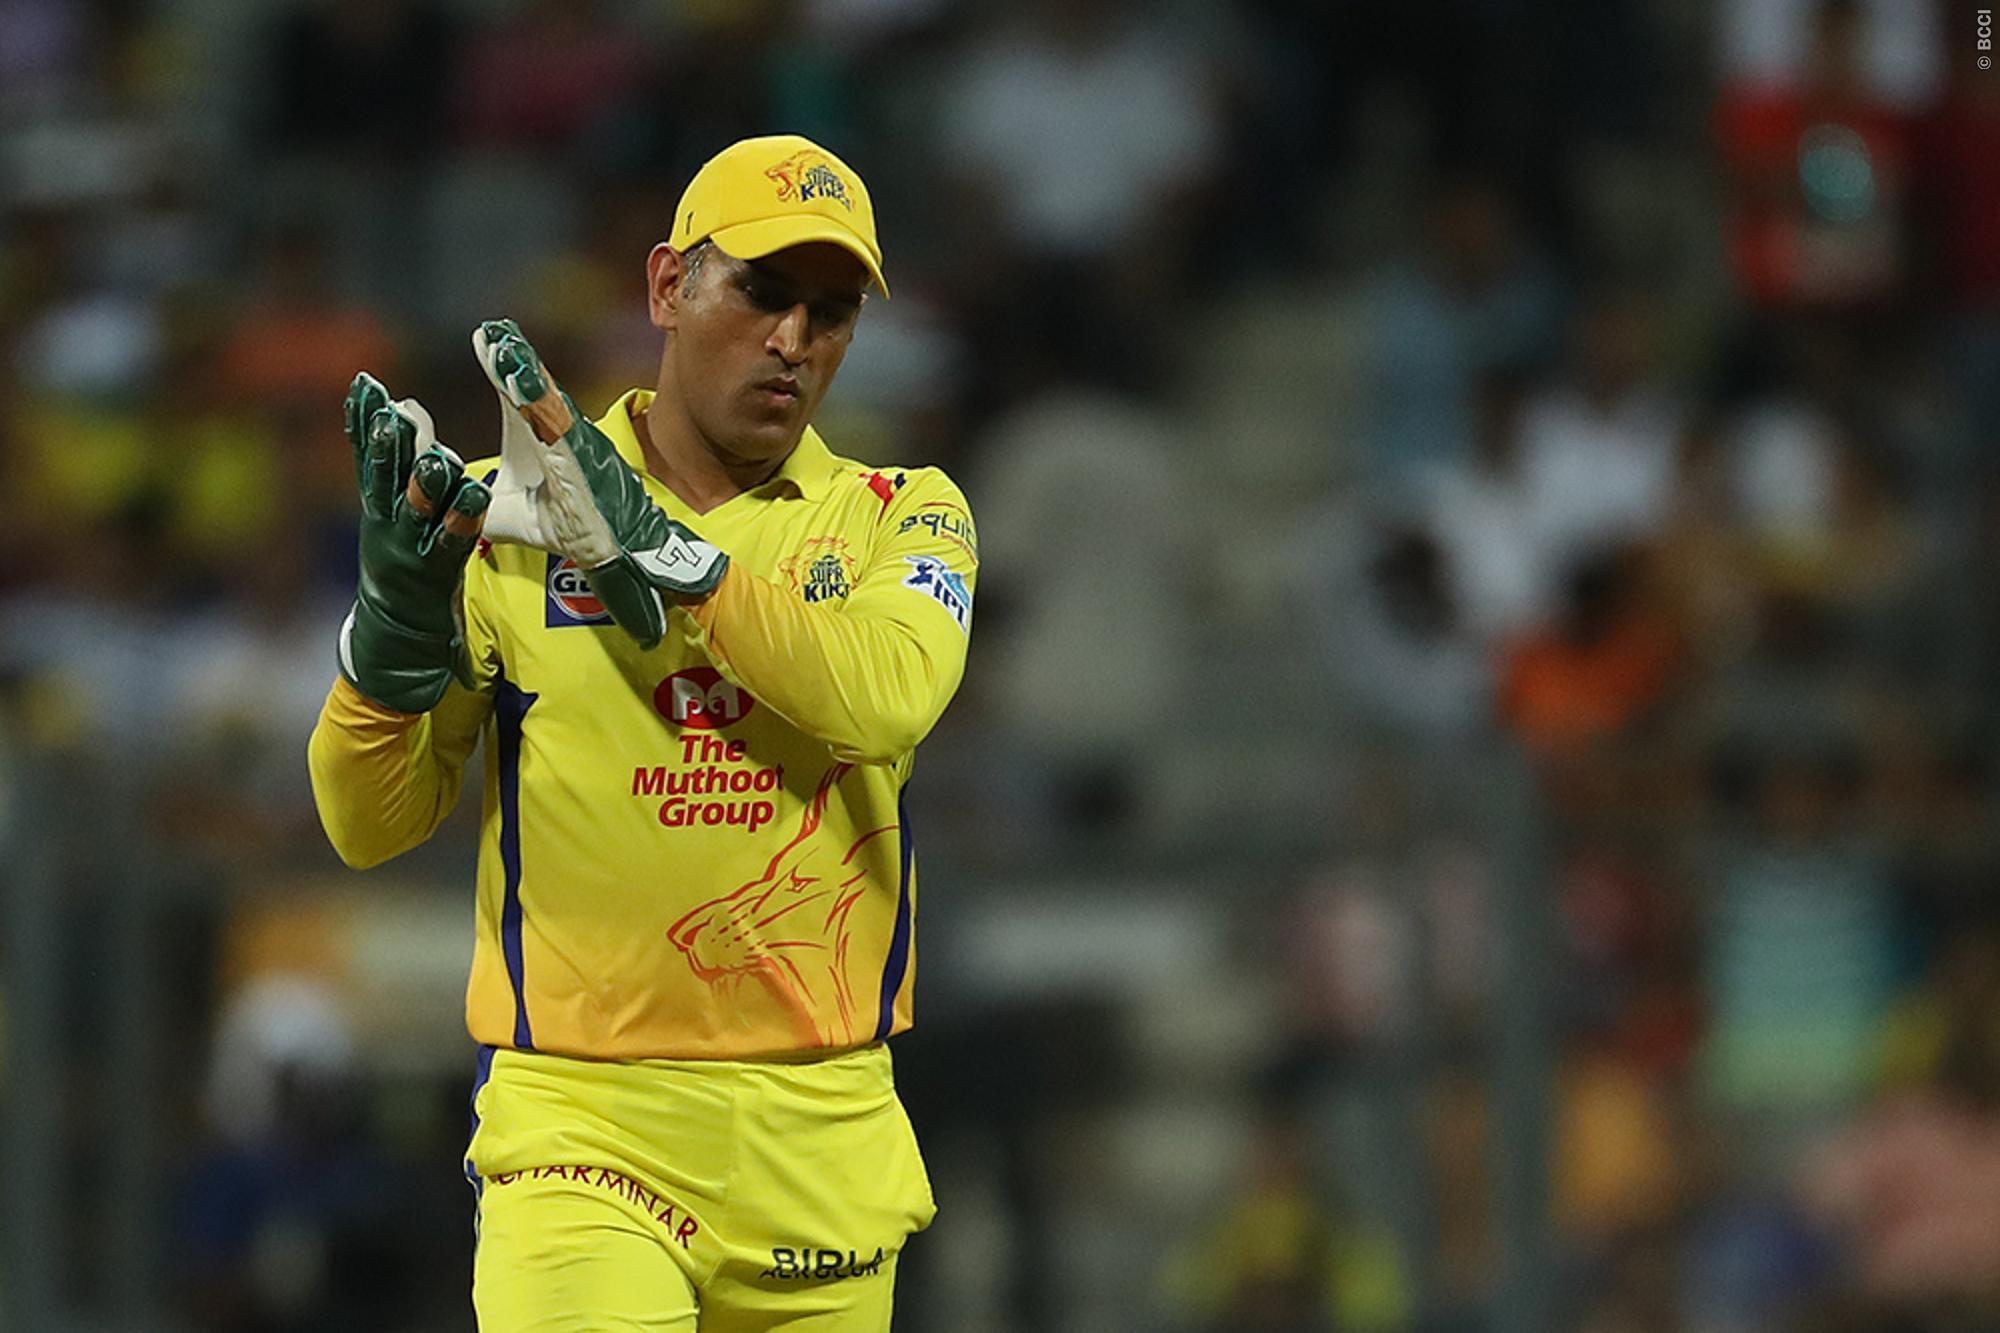 IPL 2018- फाफ के अलावा धोनी ने इस शख्स को दिया चेन्नई के फाइनल में पहुंचने का पूरा-पूरा श्रेय